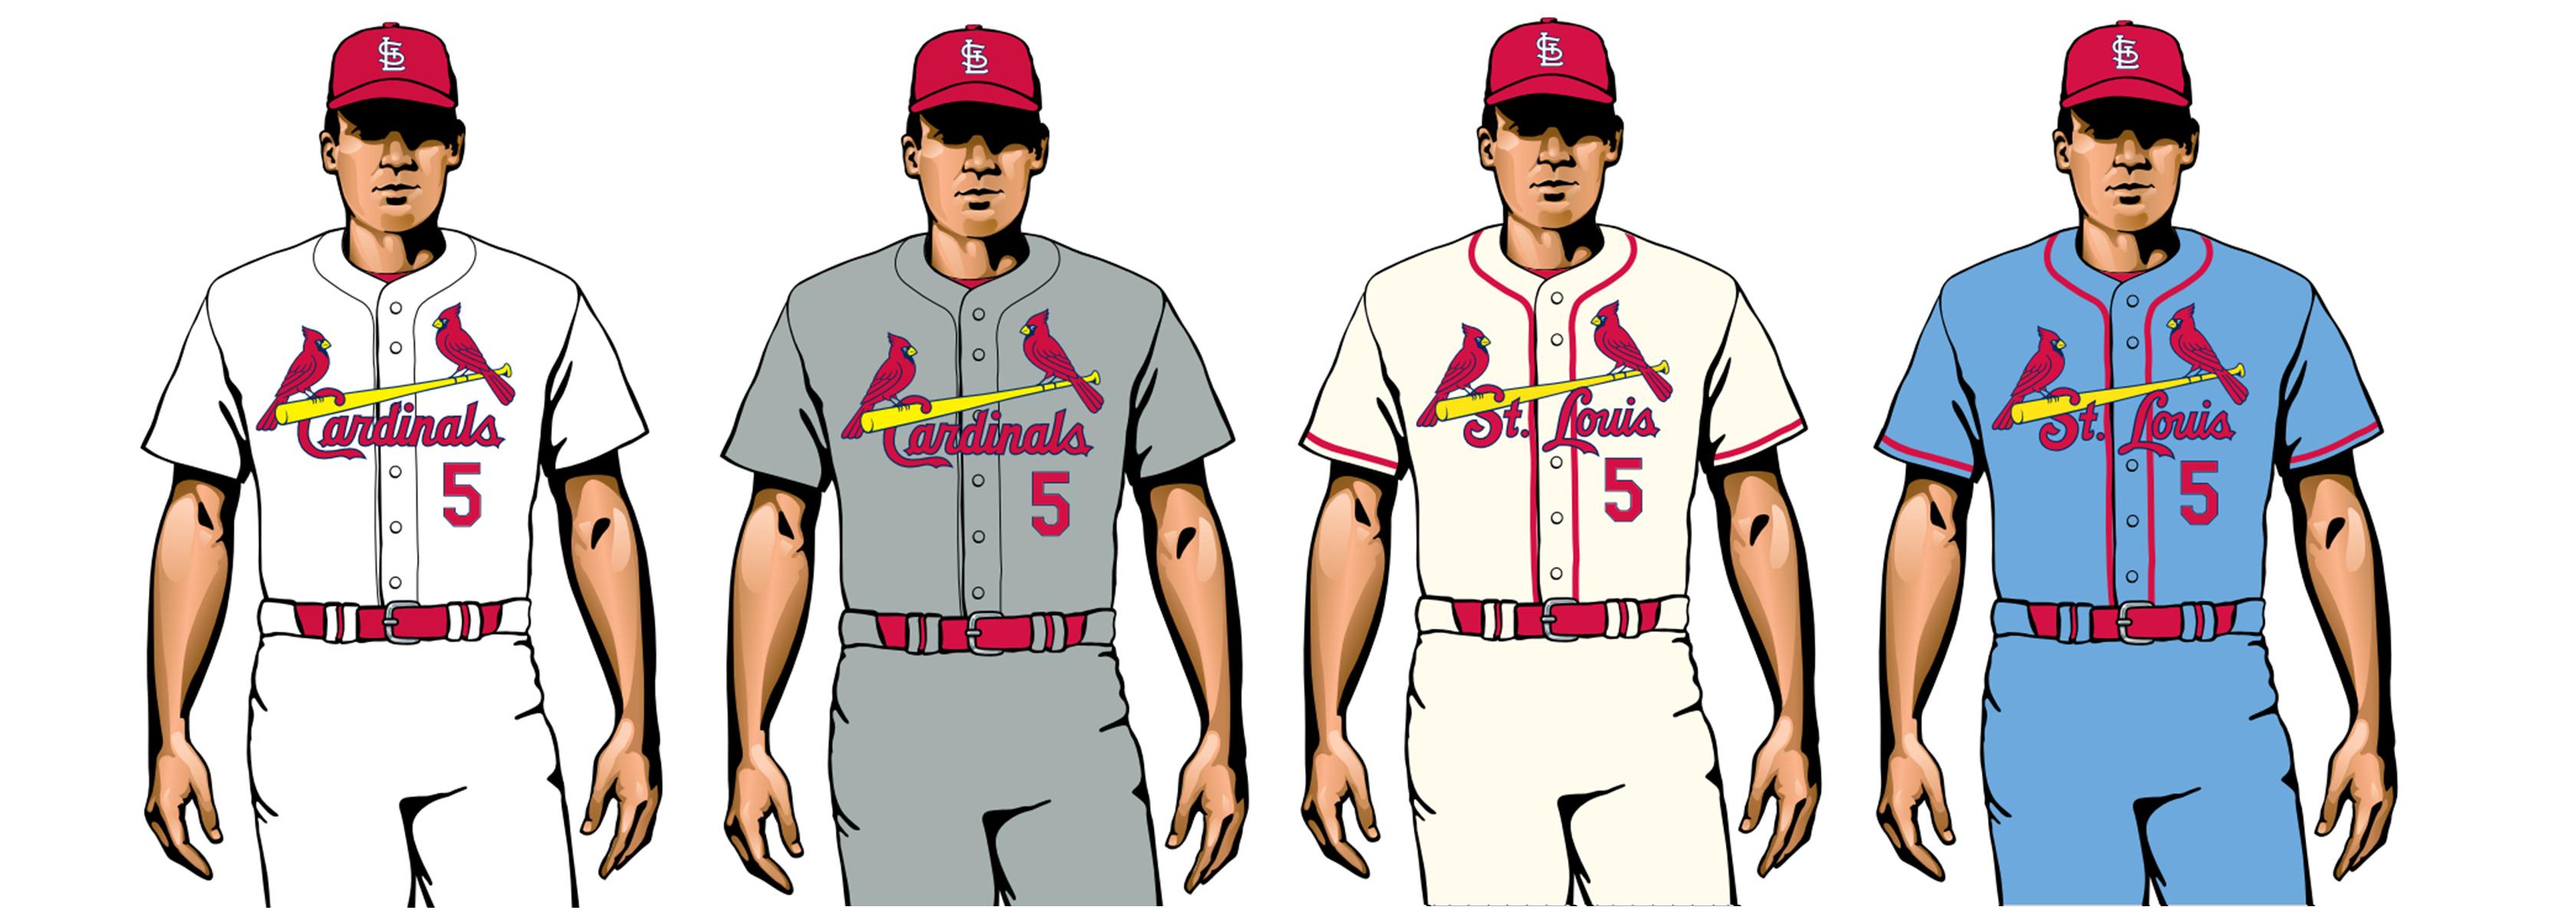 cardenales 2020 uniformes